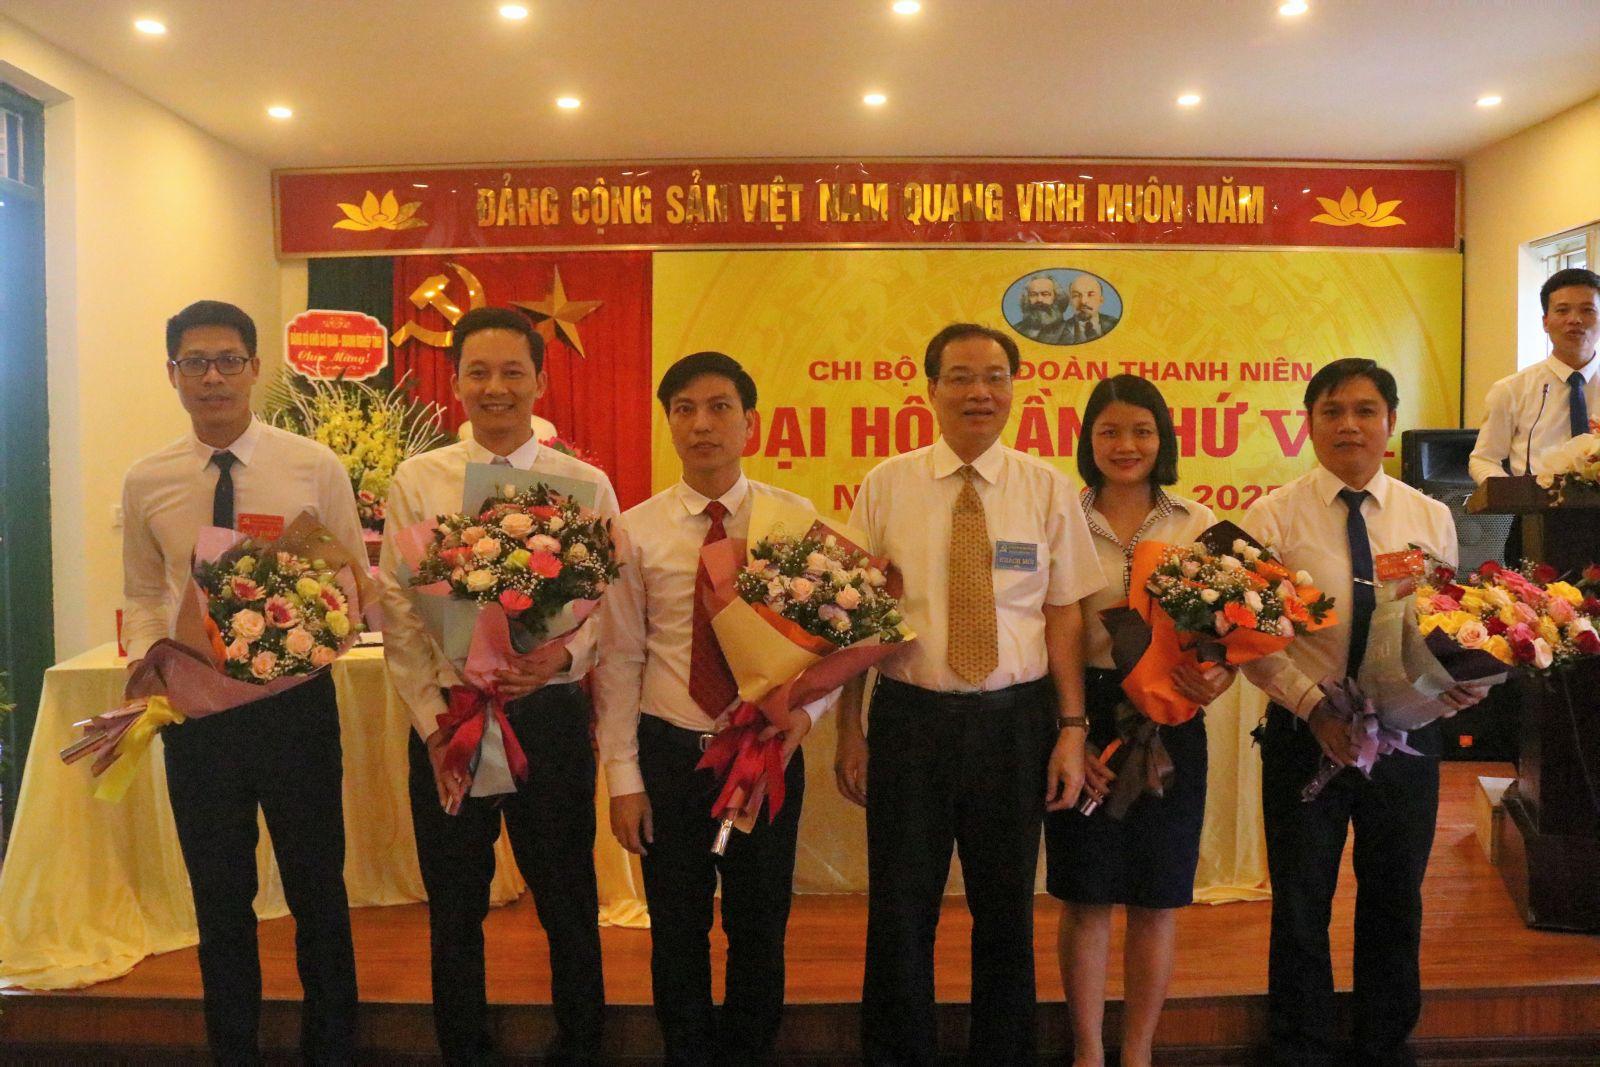 Đại hội Chi bộ Tỉnh đoàn Hưng Yên lần thứ VII, nhiệm kỳ 2020-2025 thành công tốt đẹp